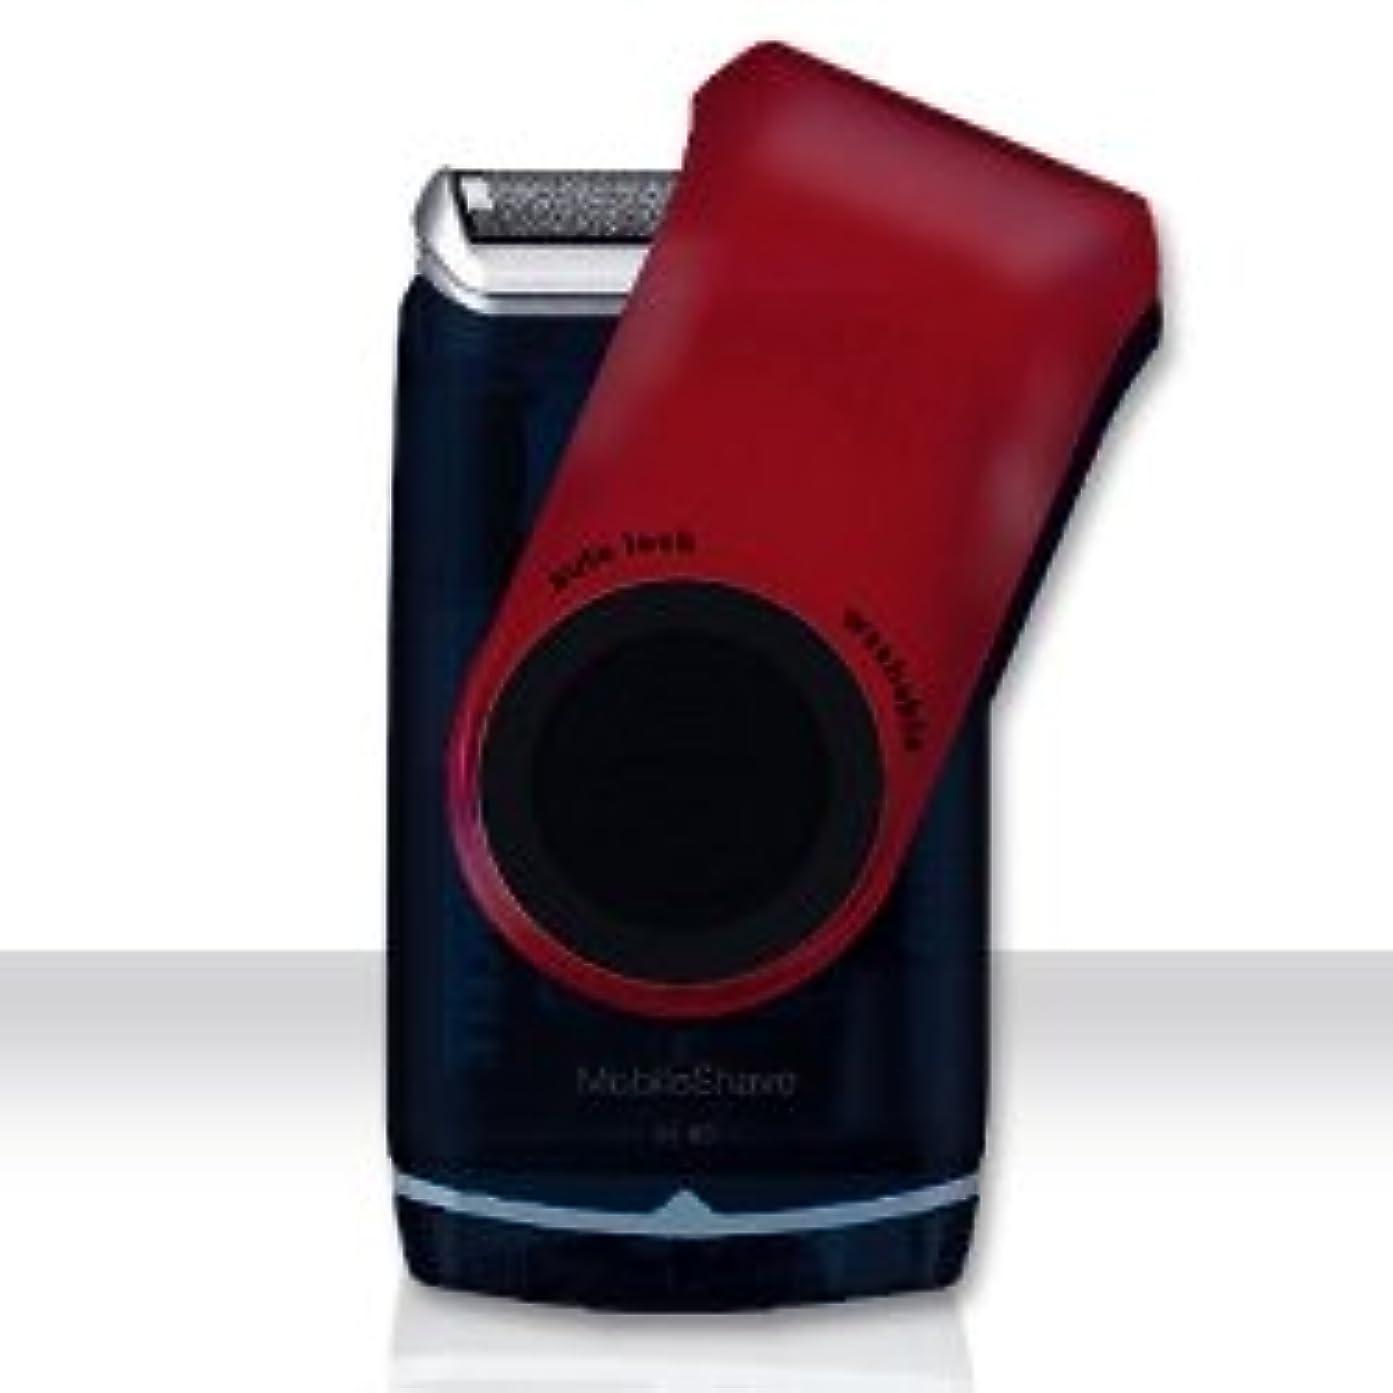 相談する限られた舞い上がるブラウン モバイル ポケット シェーバー M60 赤 電池式 並行輸入品